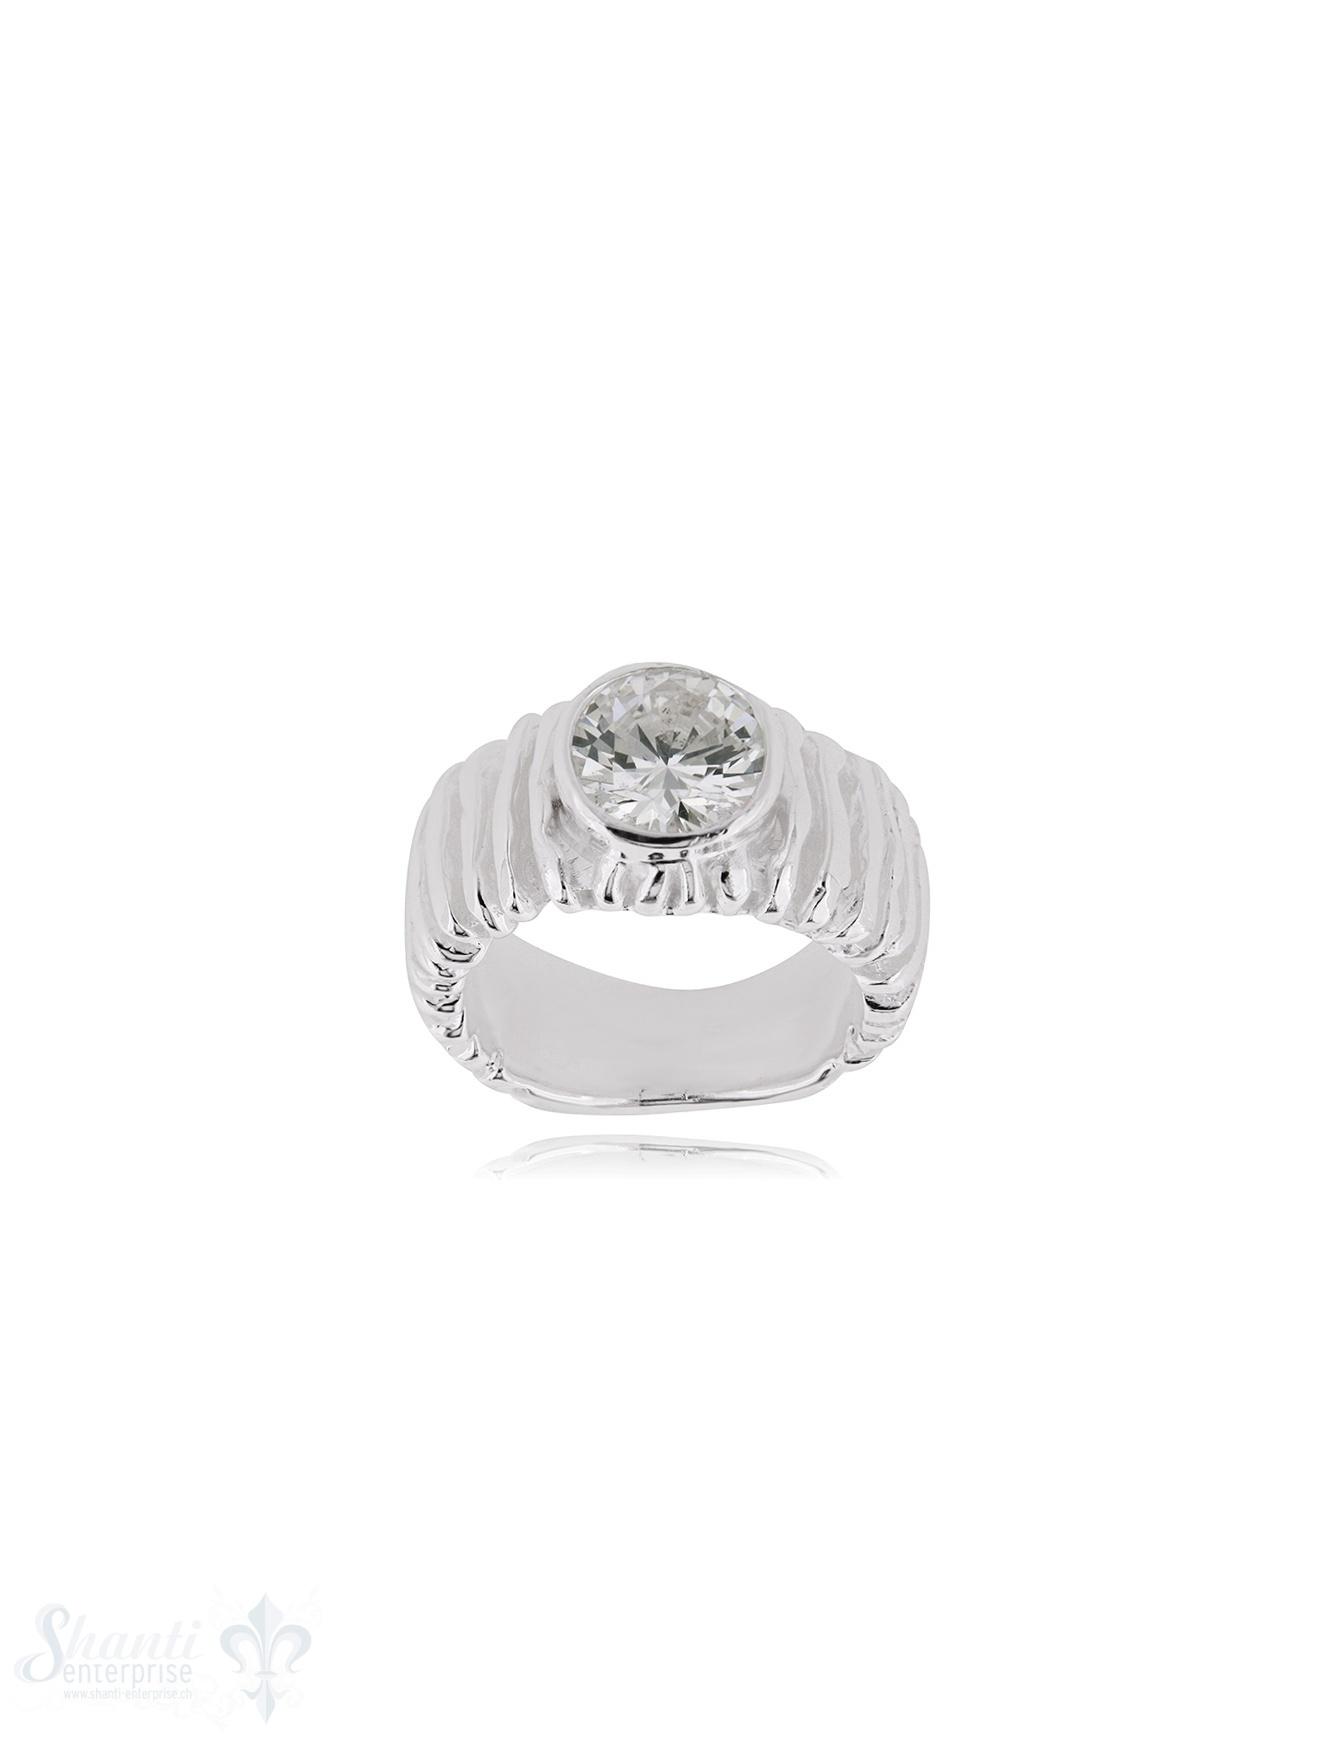 Zirkonia weiss Silberring 9 mm facettiert Schiene Rillenstruktur grob unten flach verjüngend bis 6 mm Silber 925 hell